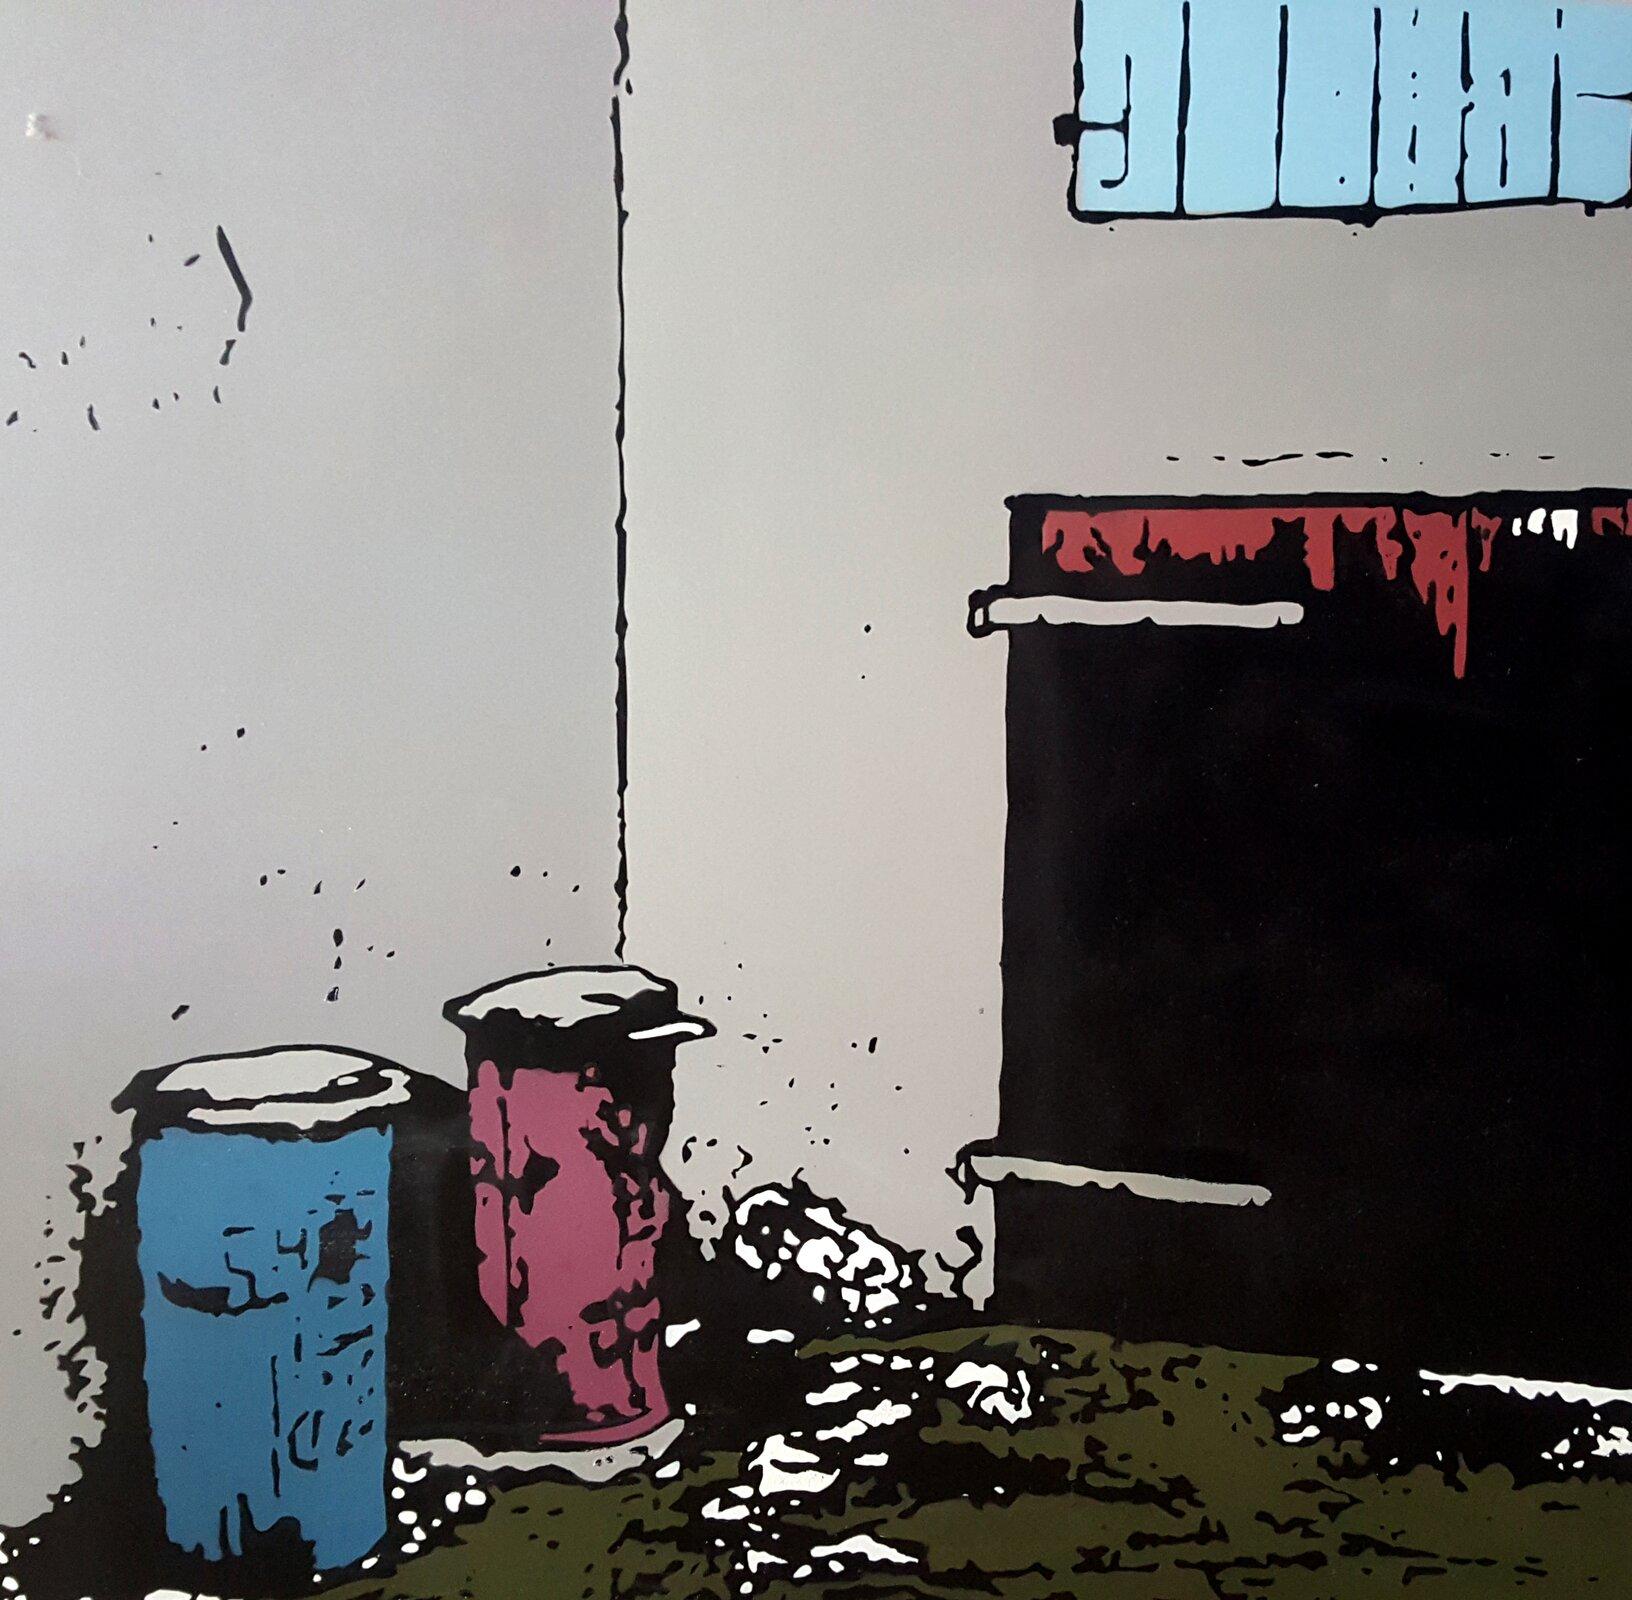 Zdjęcie ukazuje grafikę koszy na śmieci wkolorach niebieskim oraz różowym. Wtle ukazane są czarne drzwi oraz szara ściana budynku.